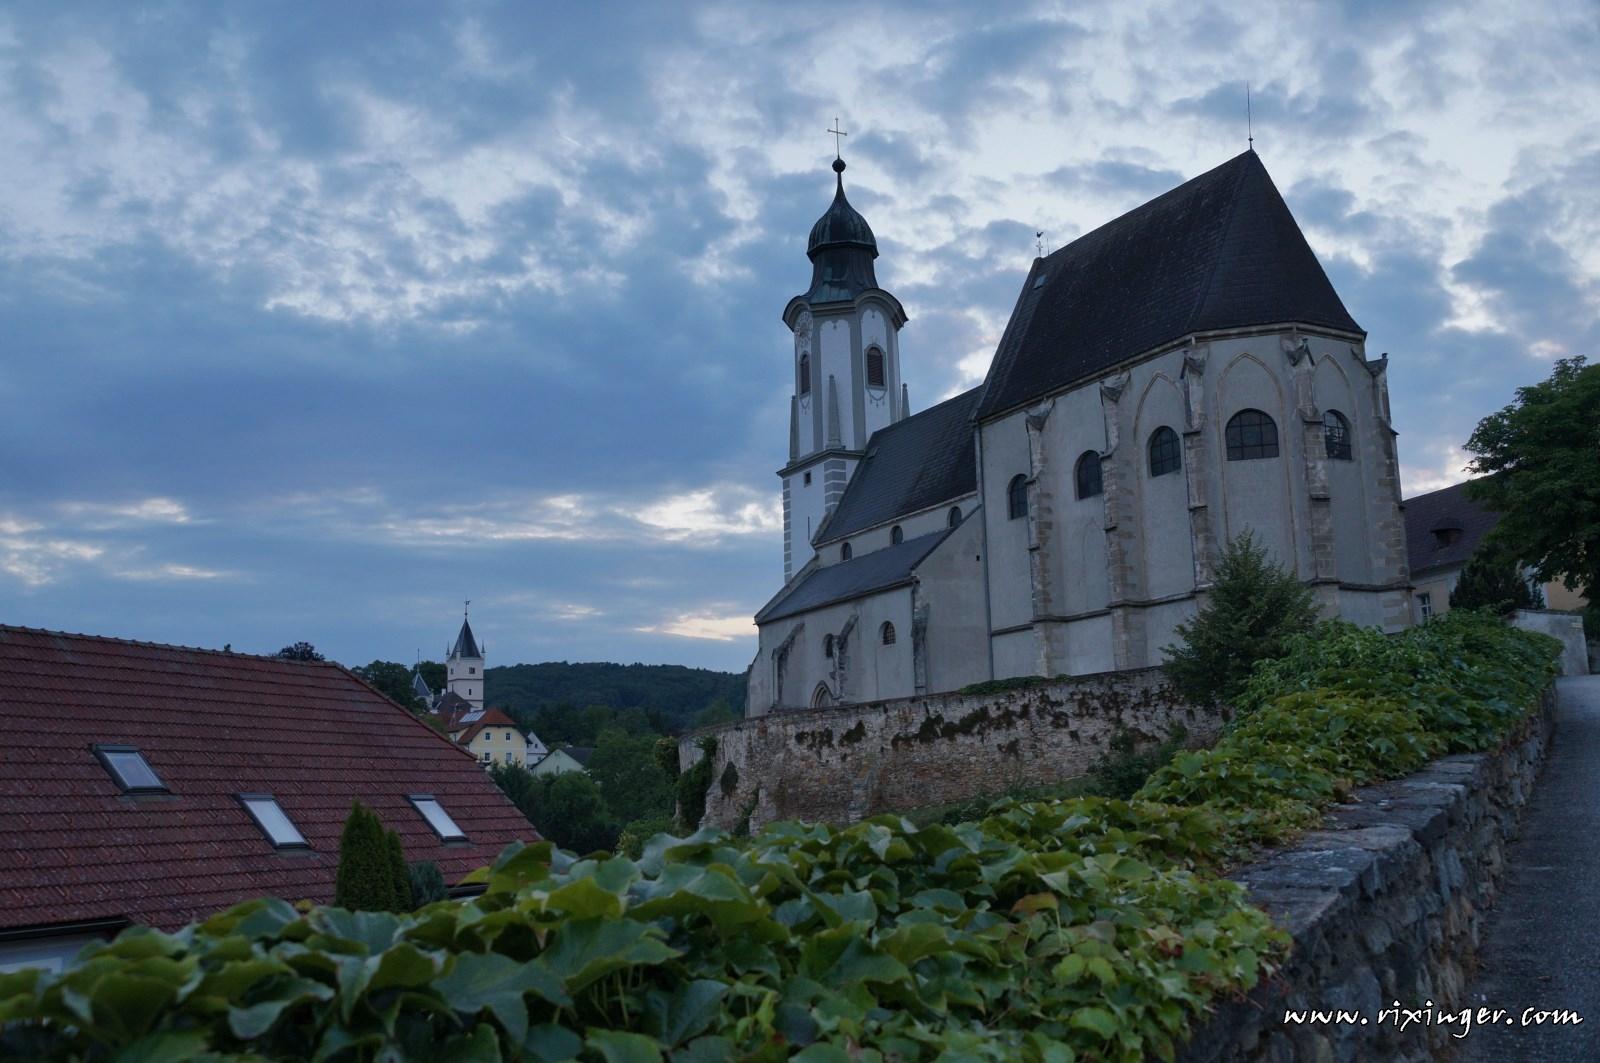 Kirche Emmersdorf 1